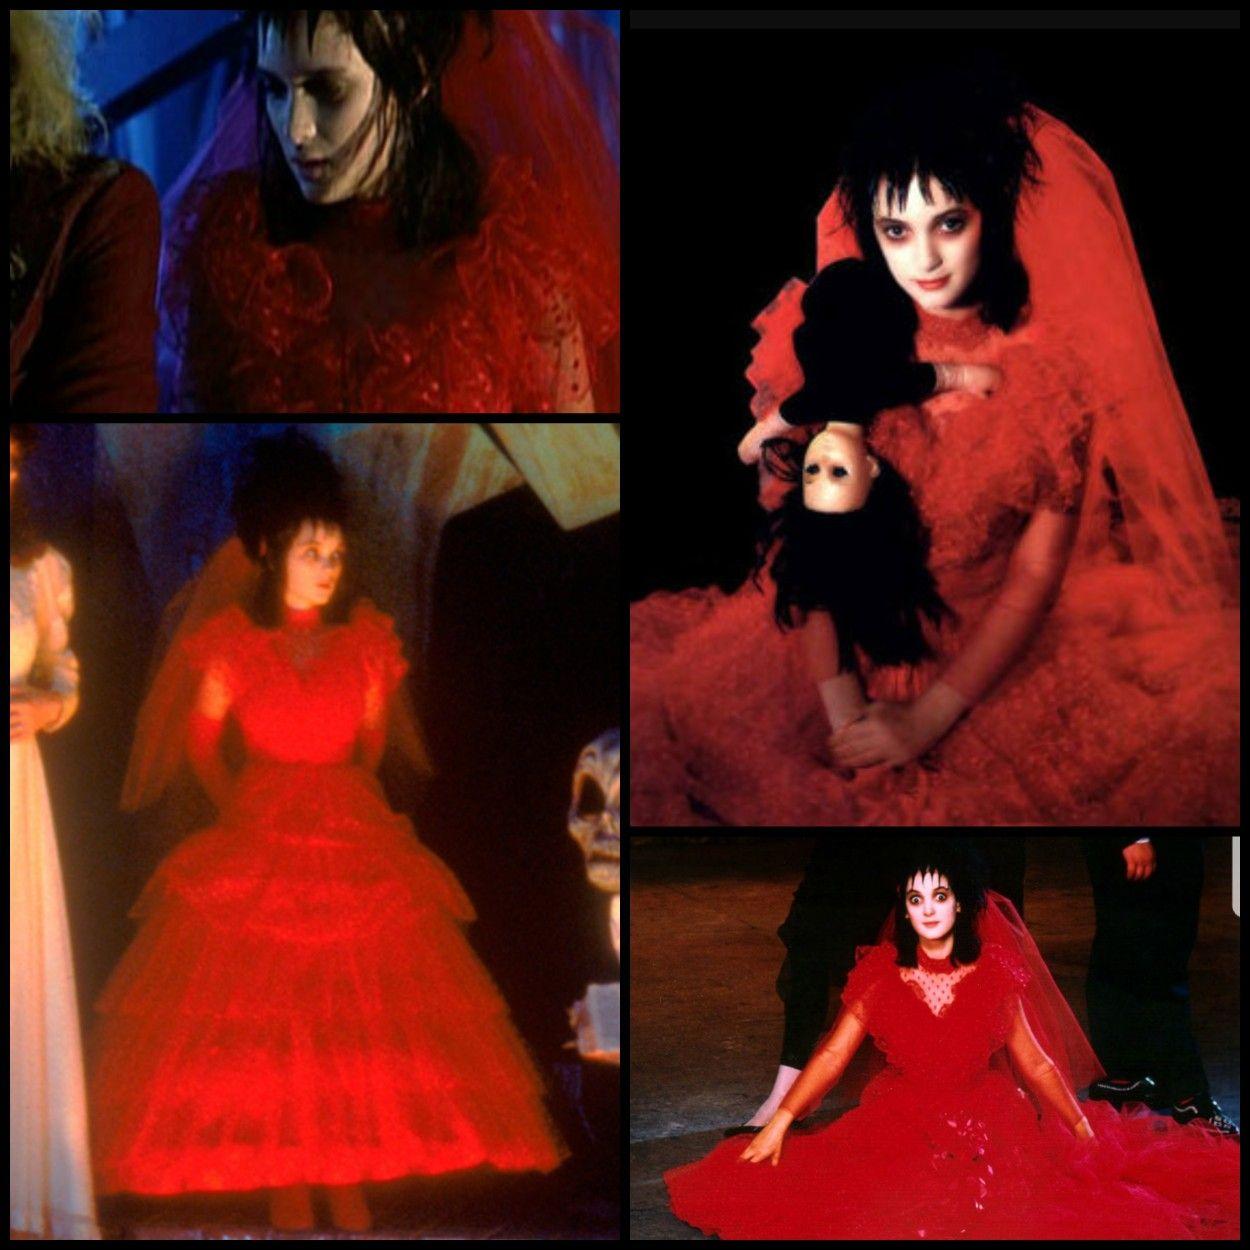 Lydia Deetz red wedding dress Beetlejuice halloween